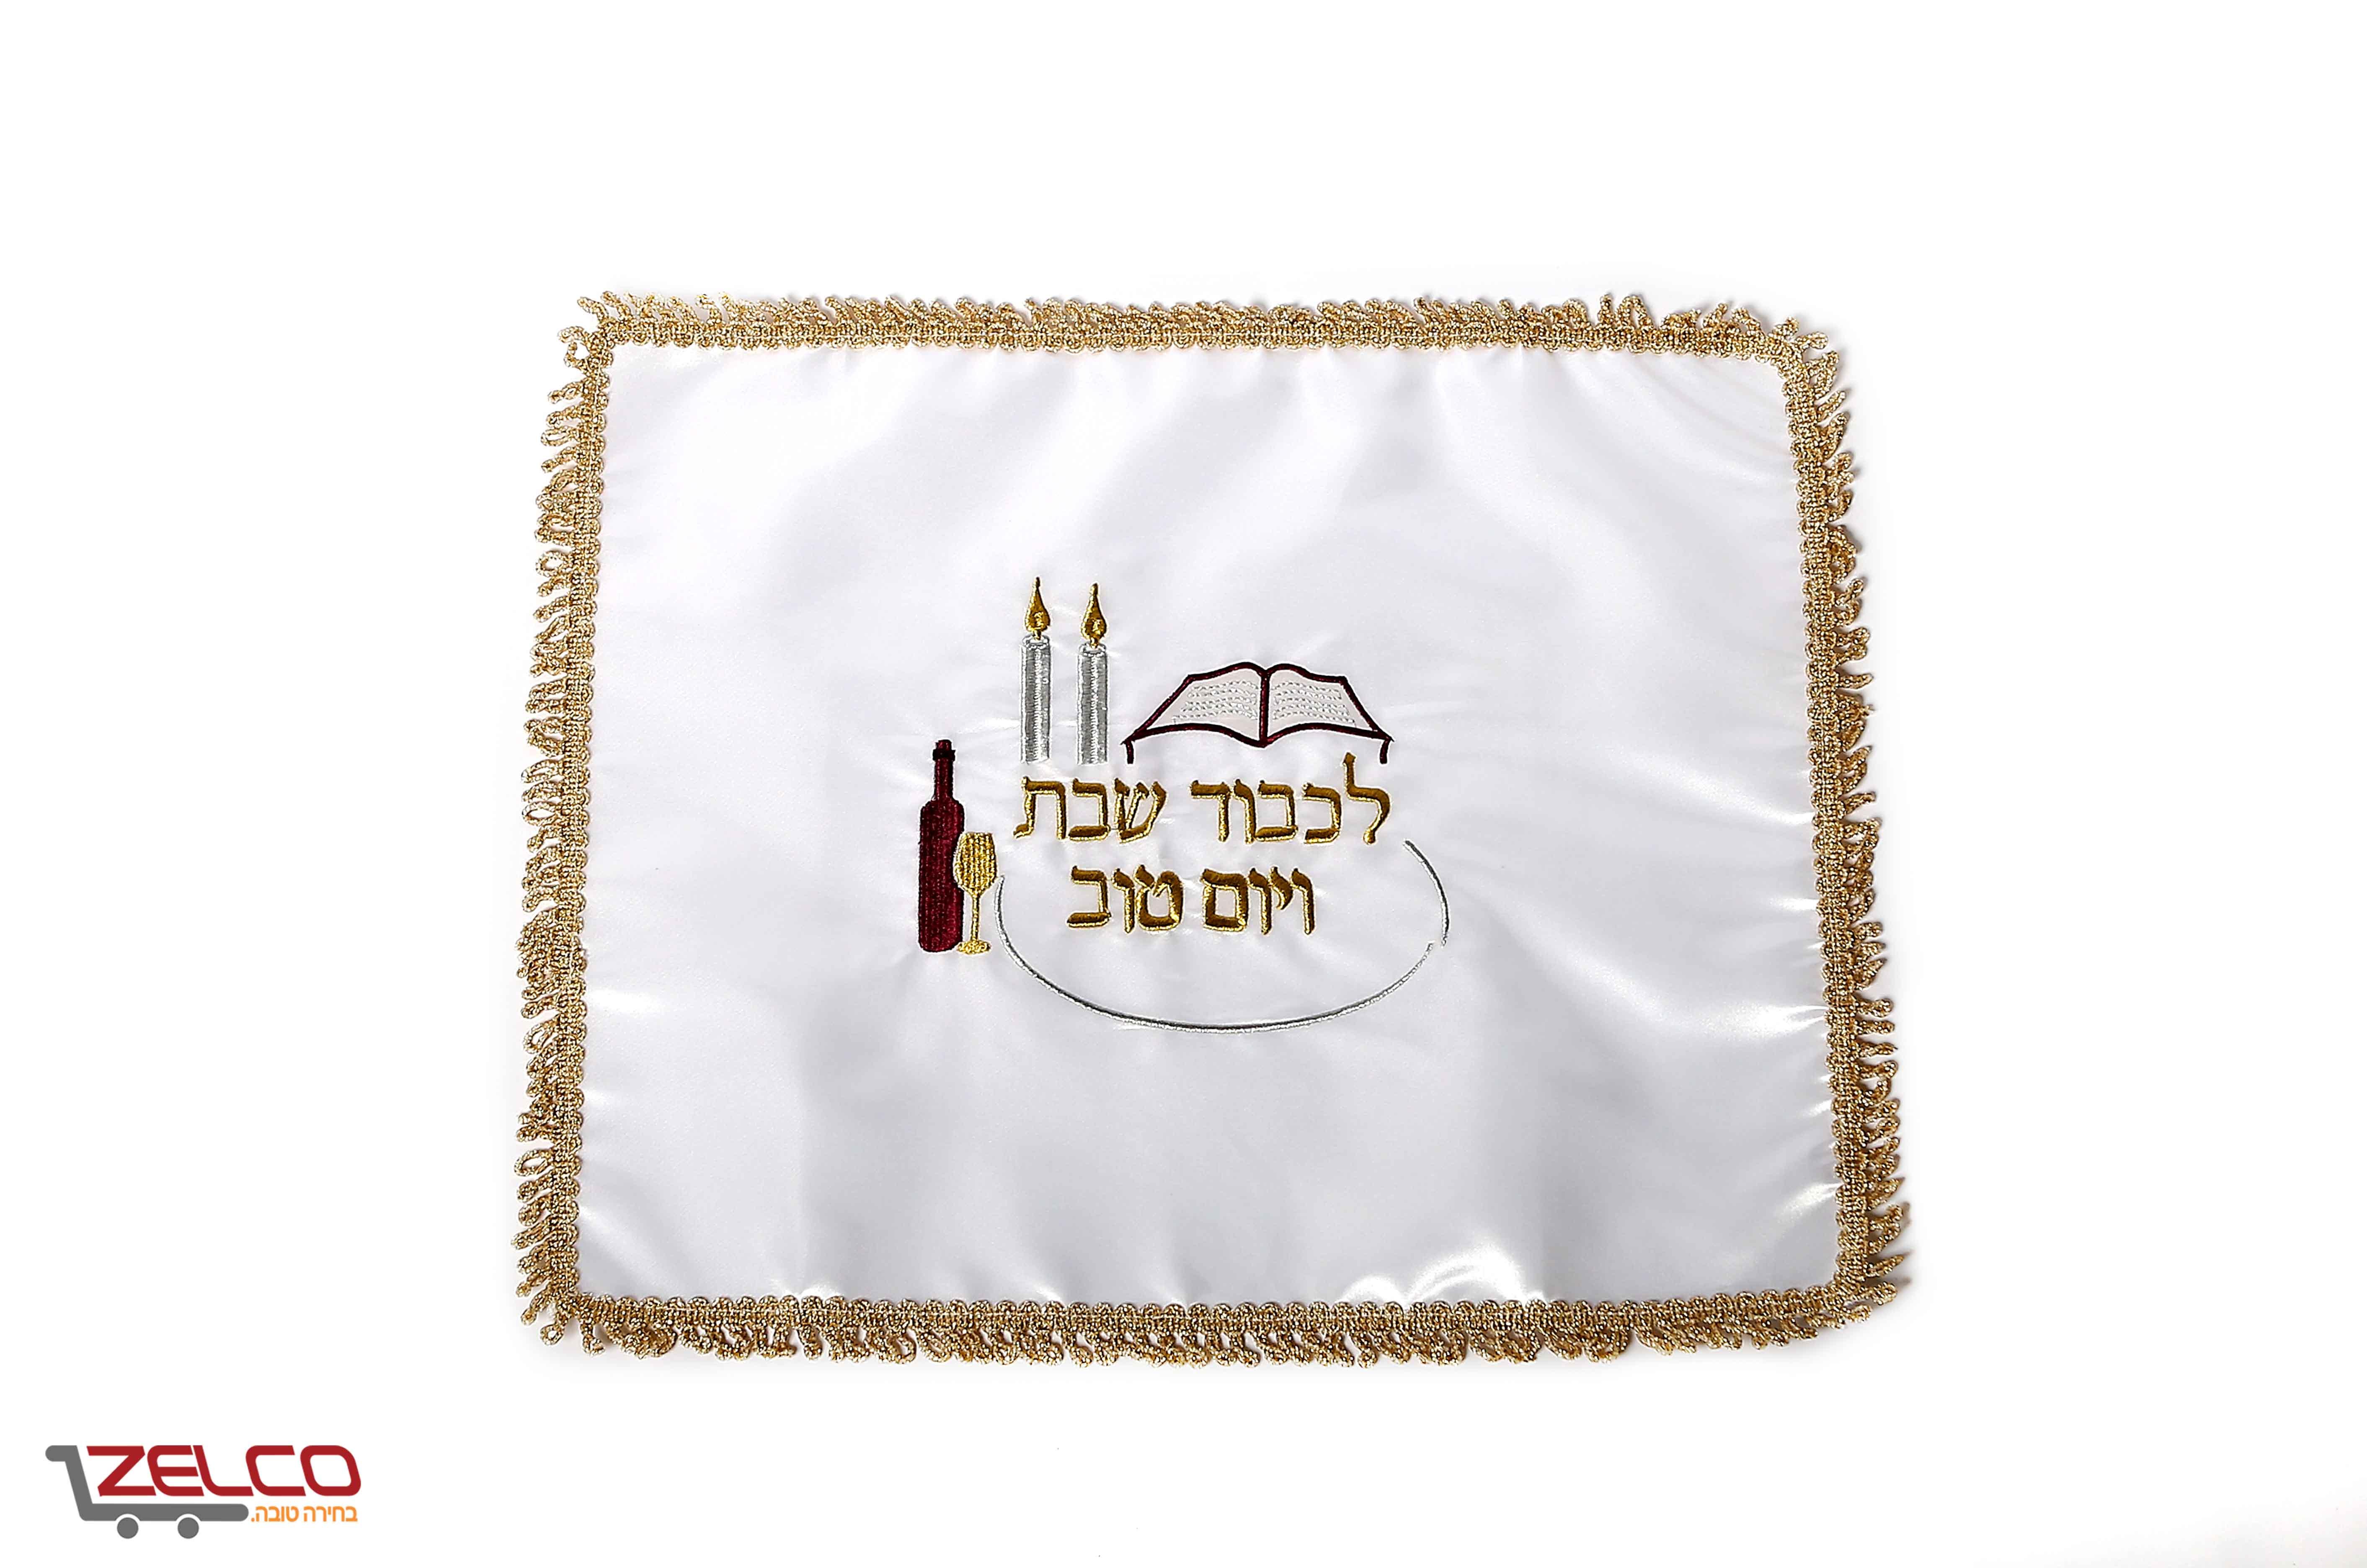 כיסוי לחלה - דגם שולחן שבת - עיטור זהב